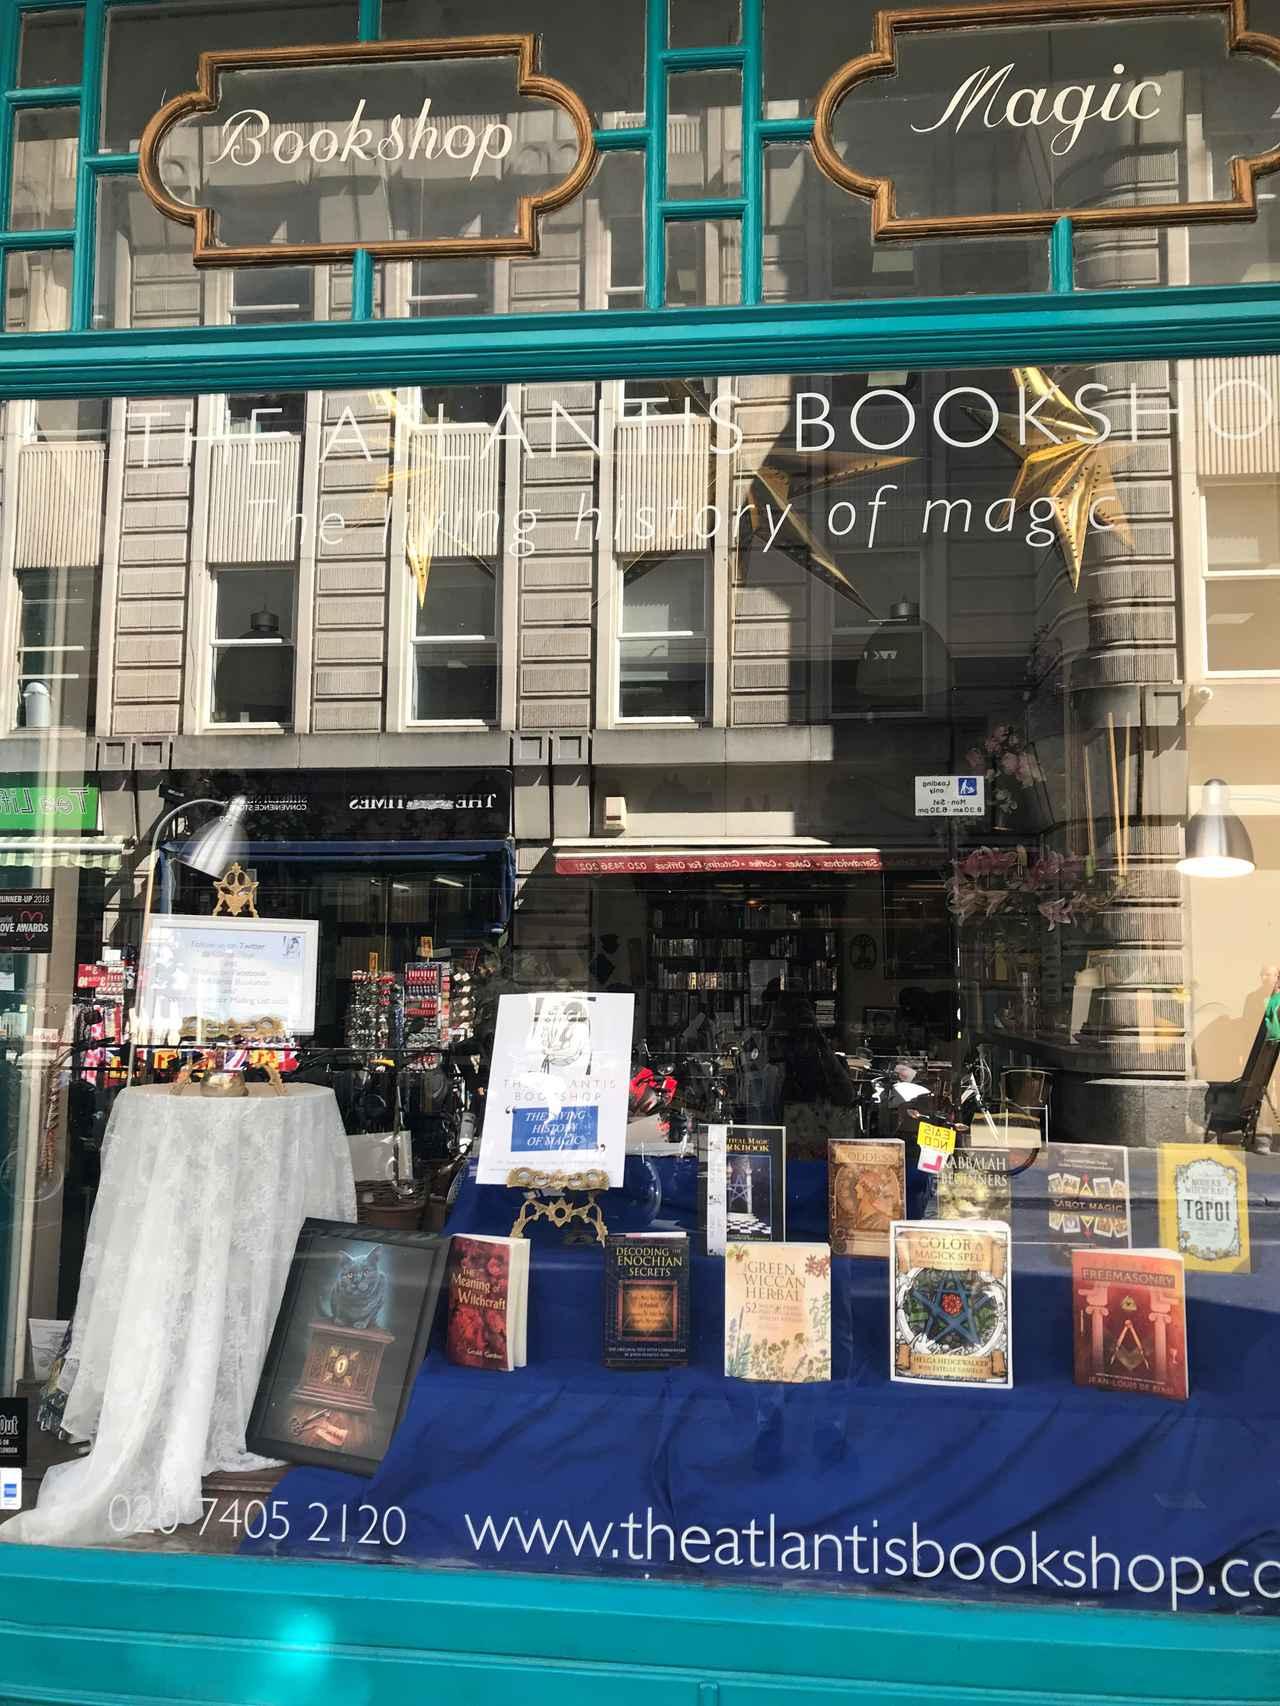 画像: 大英博物館前には、魔法専門書店も。この「アトランテイス」という書店には、鏡さんも長年通っているのだそう